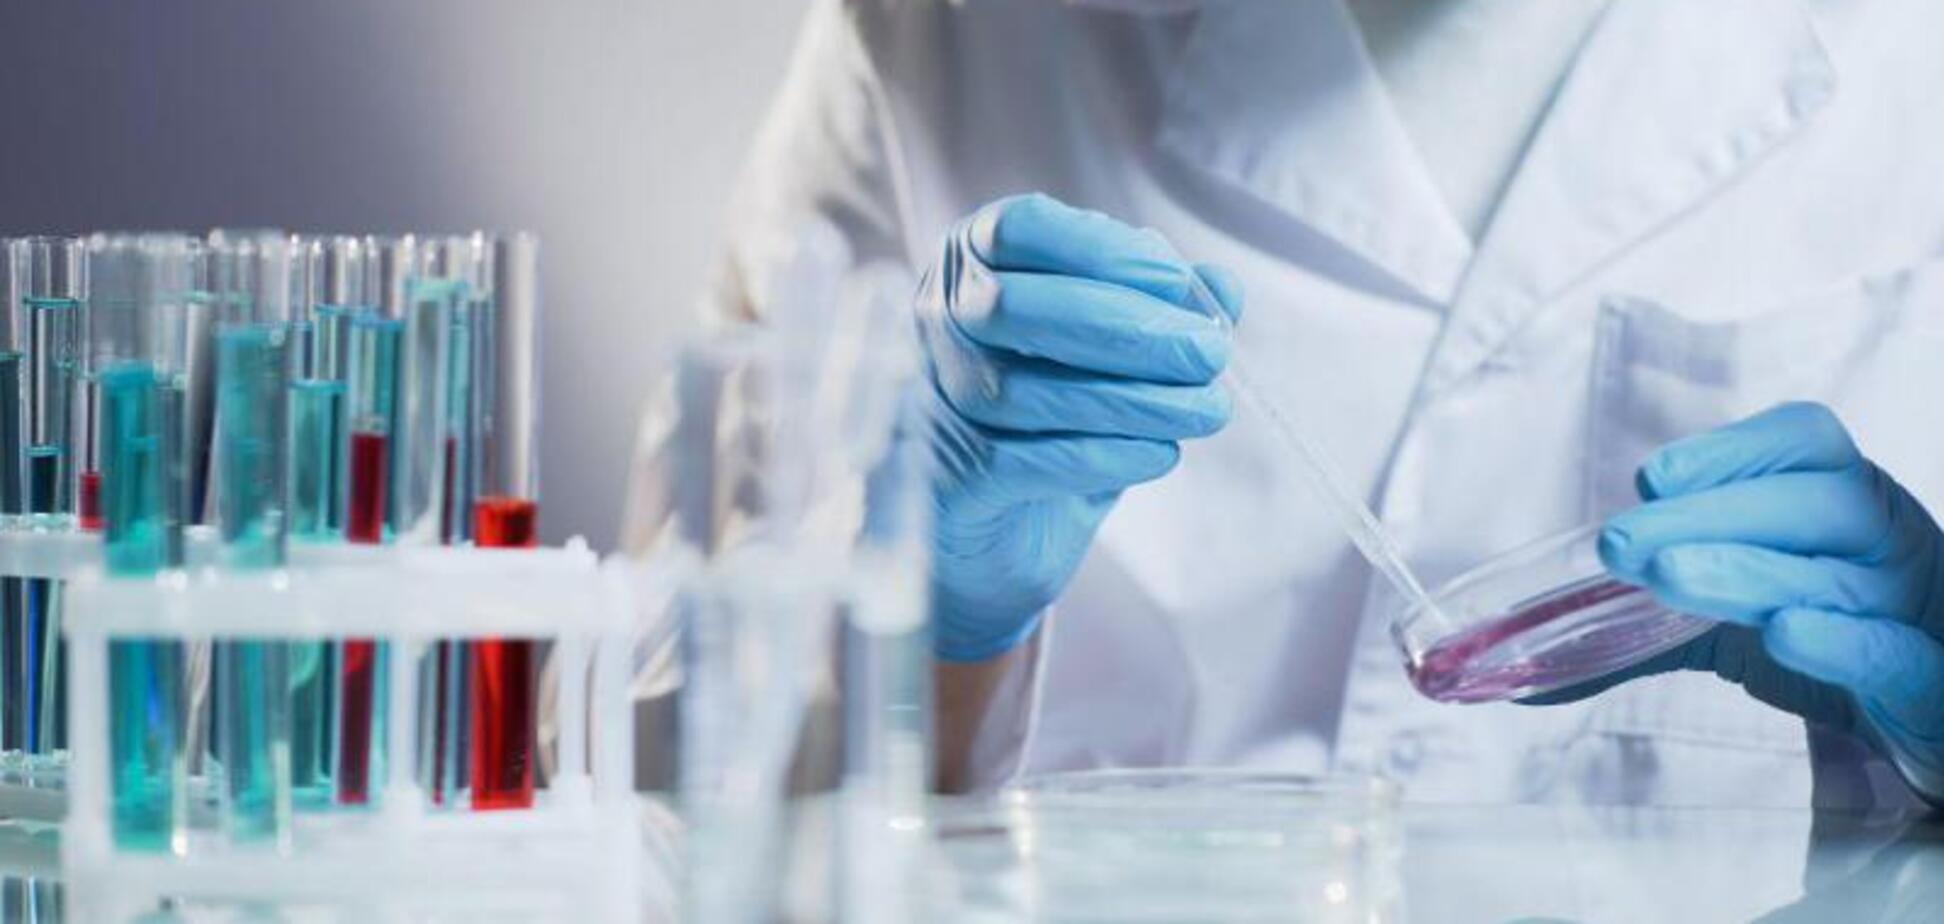 Масове отруєння в Черкасах: з'явилися результати лабораторних досліджень